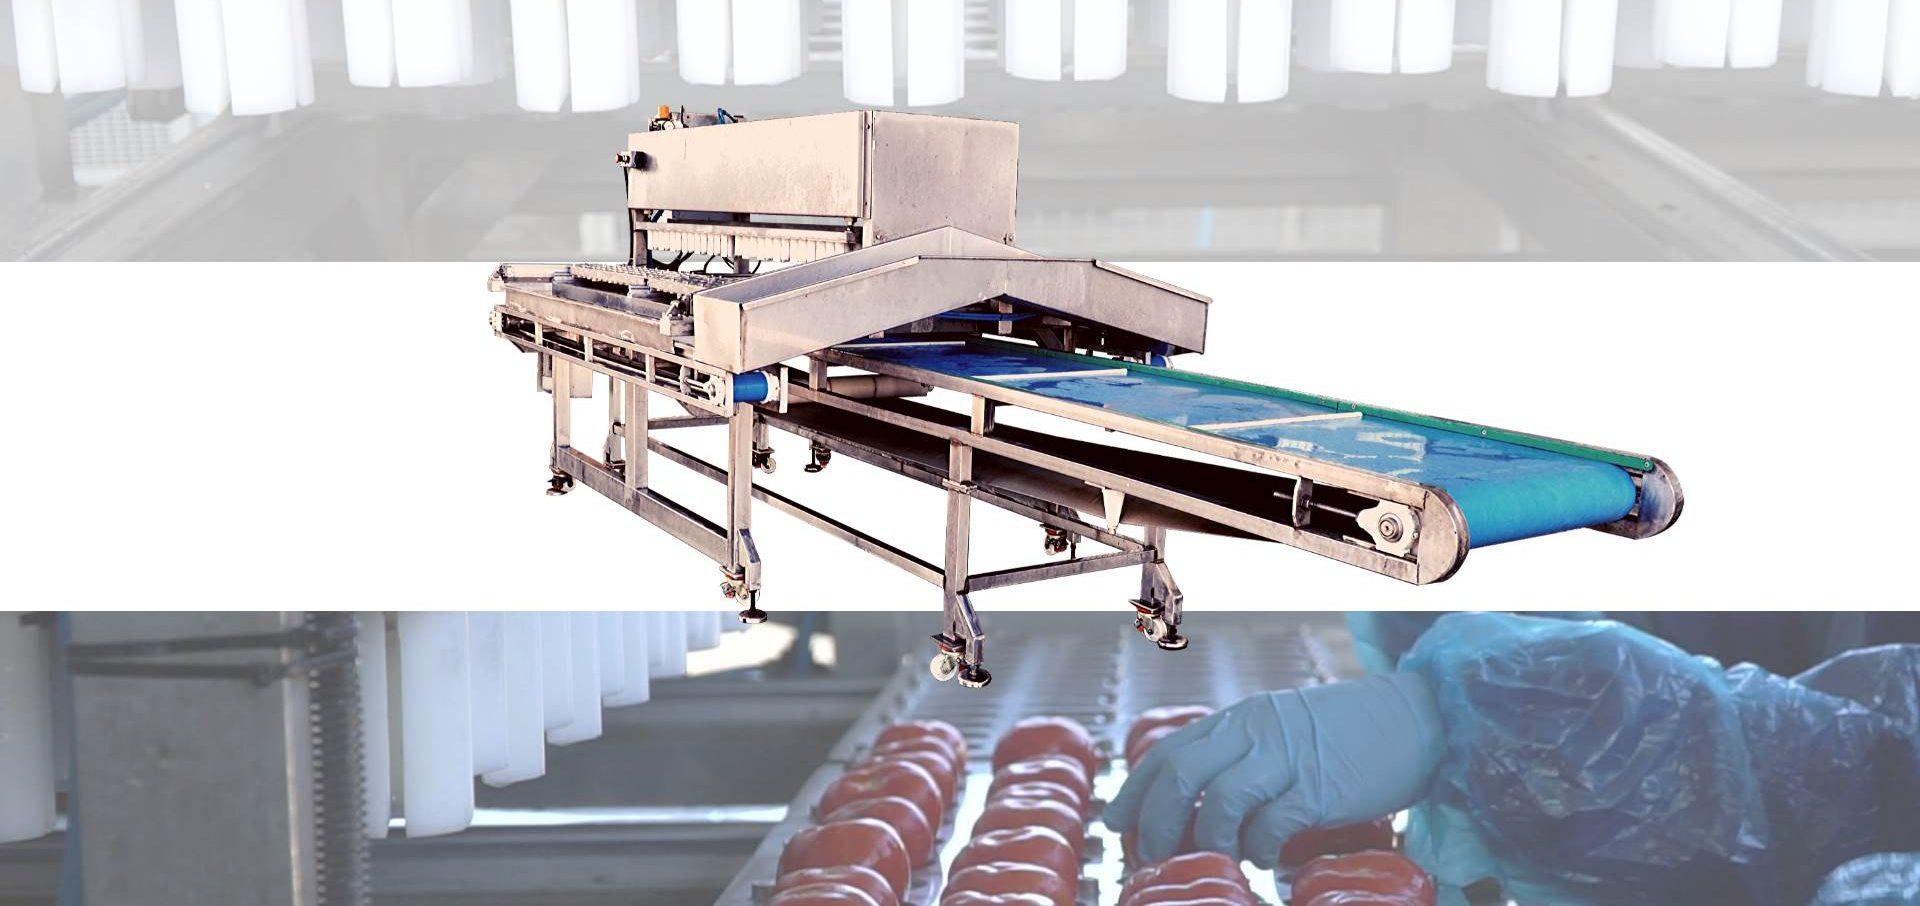 TOMATO SLICING MACHINES